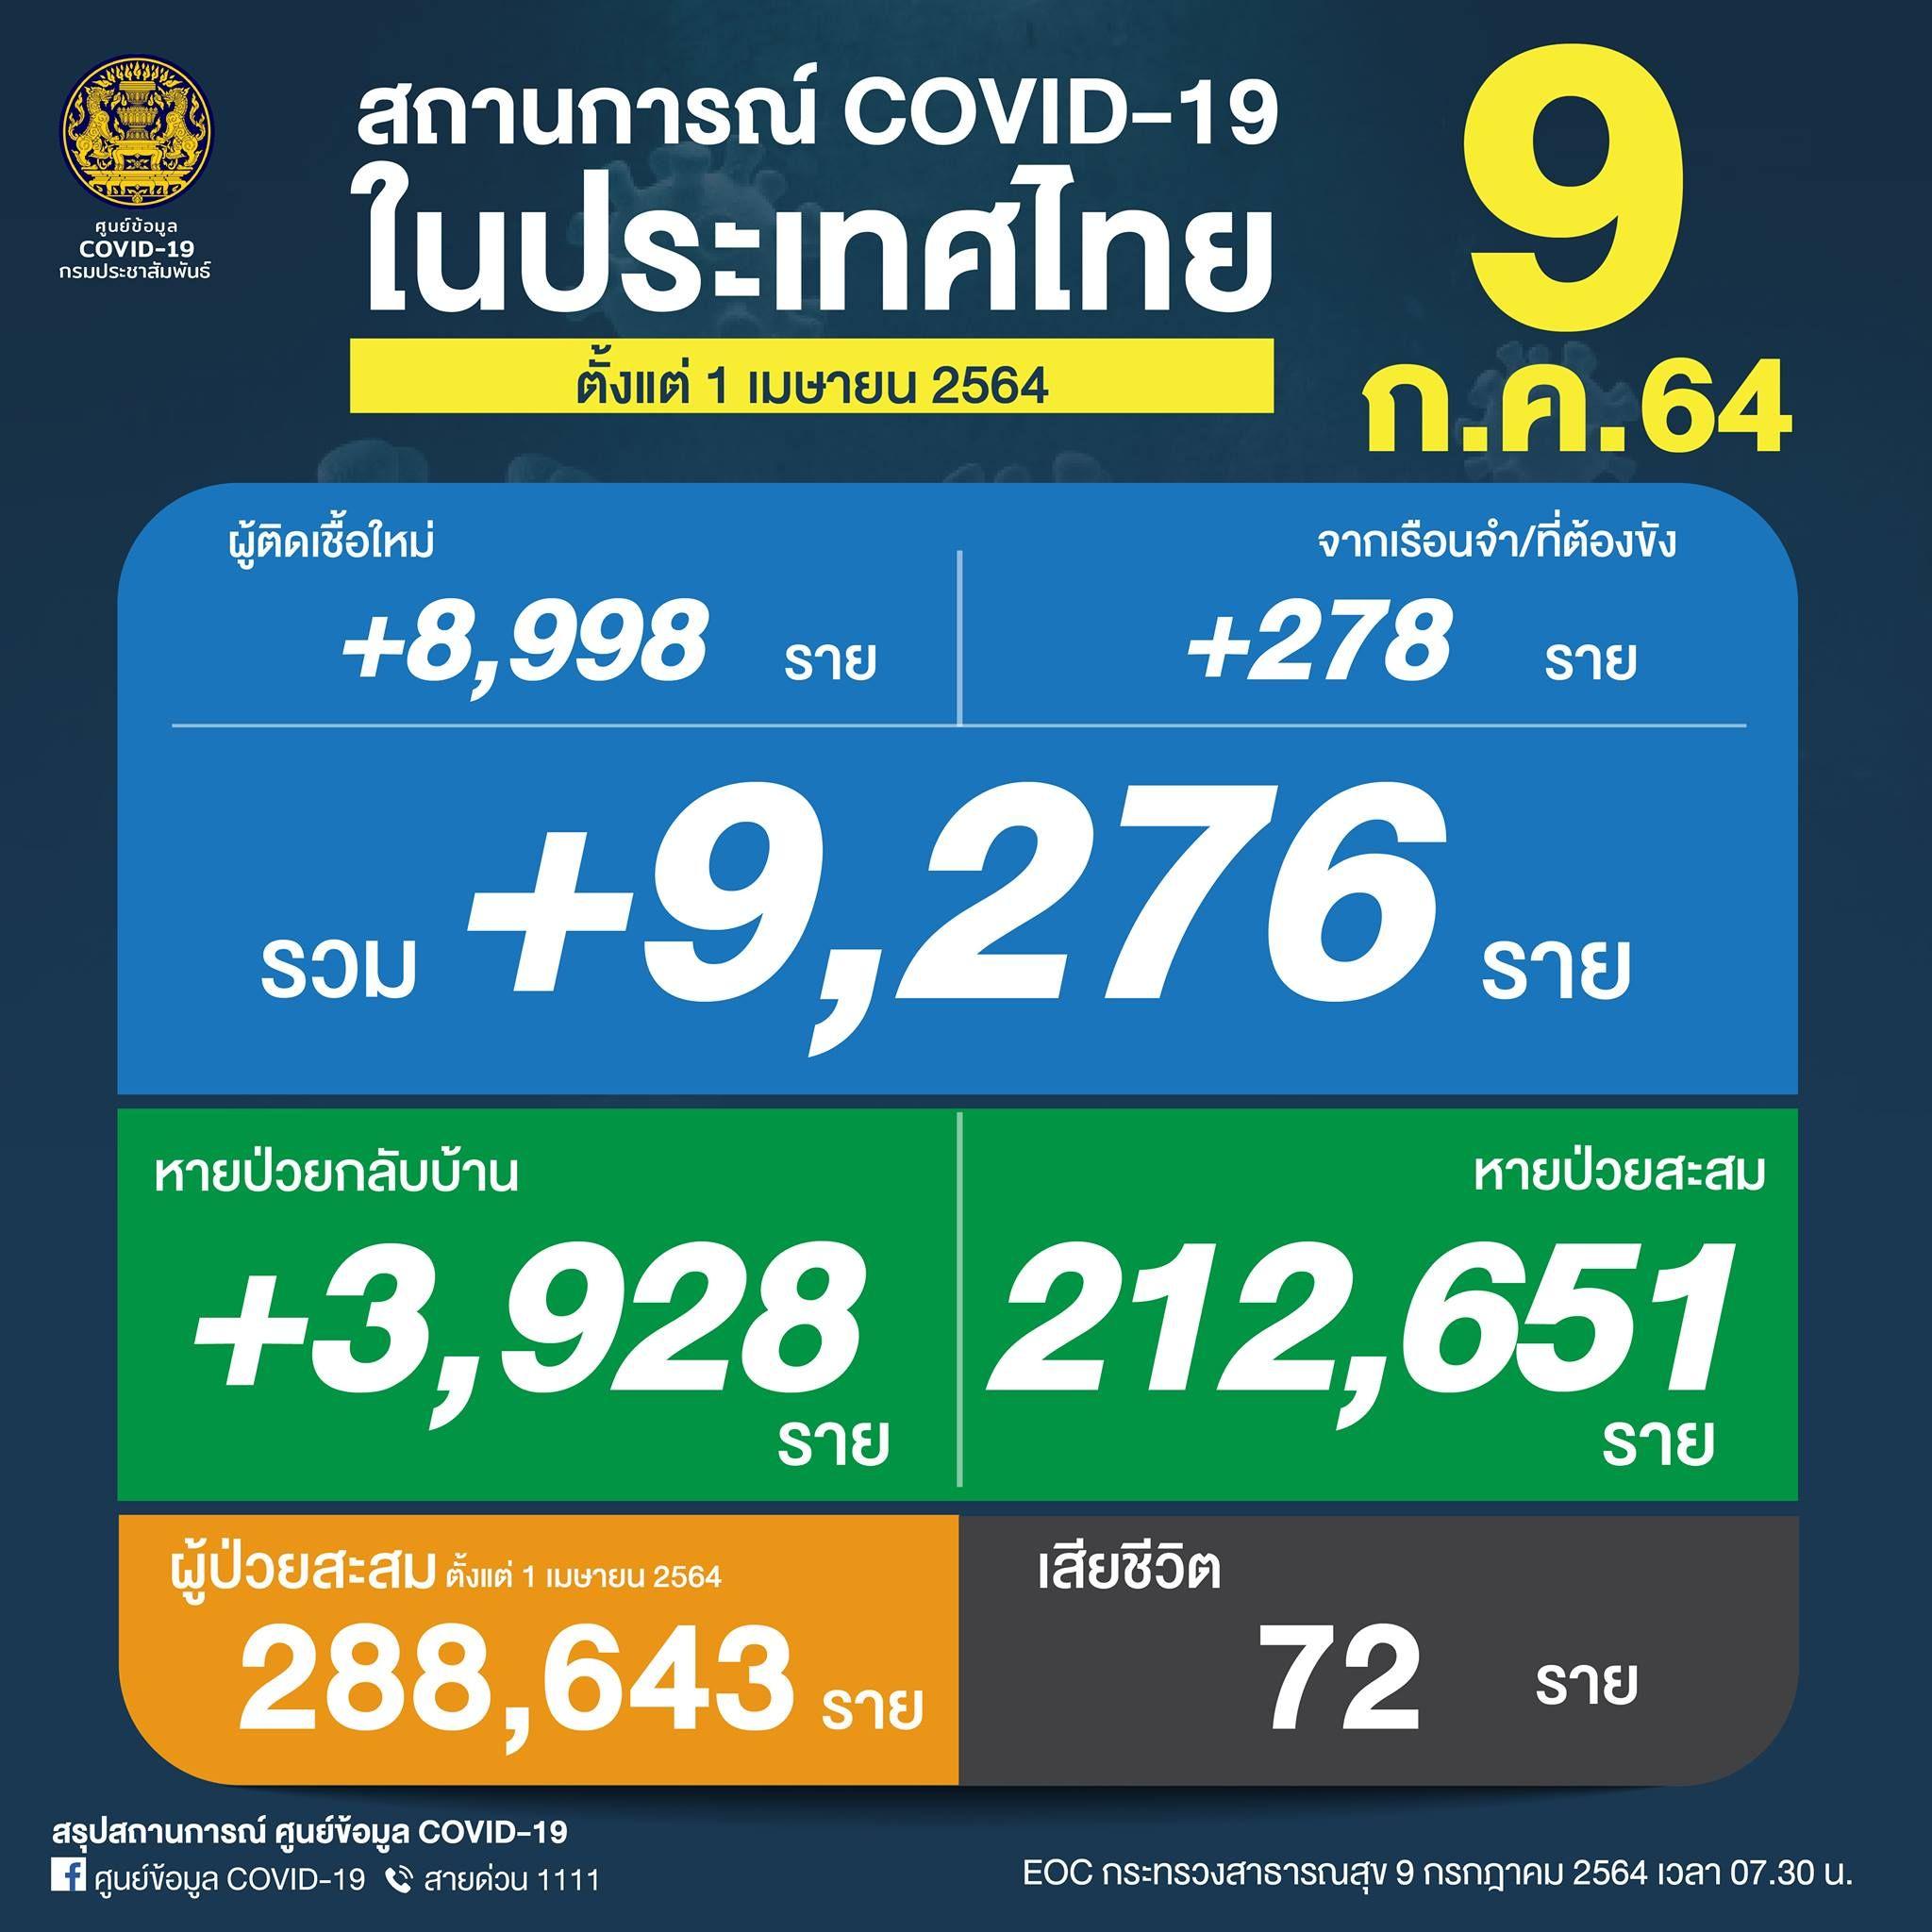 ยอด 'โควิด-19' วันนี้ เกือบหมื่น! พบติดเชื้อเพิ่ม 9,276 ราย เสียชีวิตสูง 72 ราย